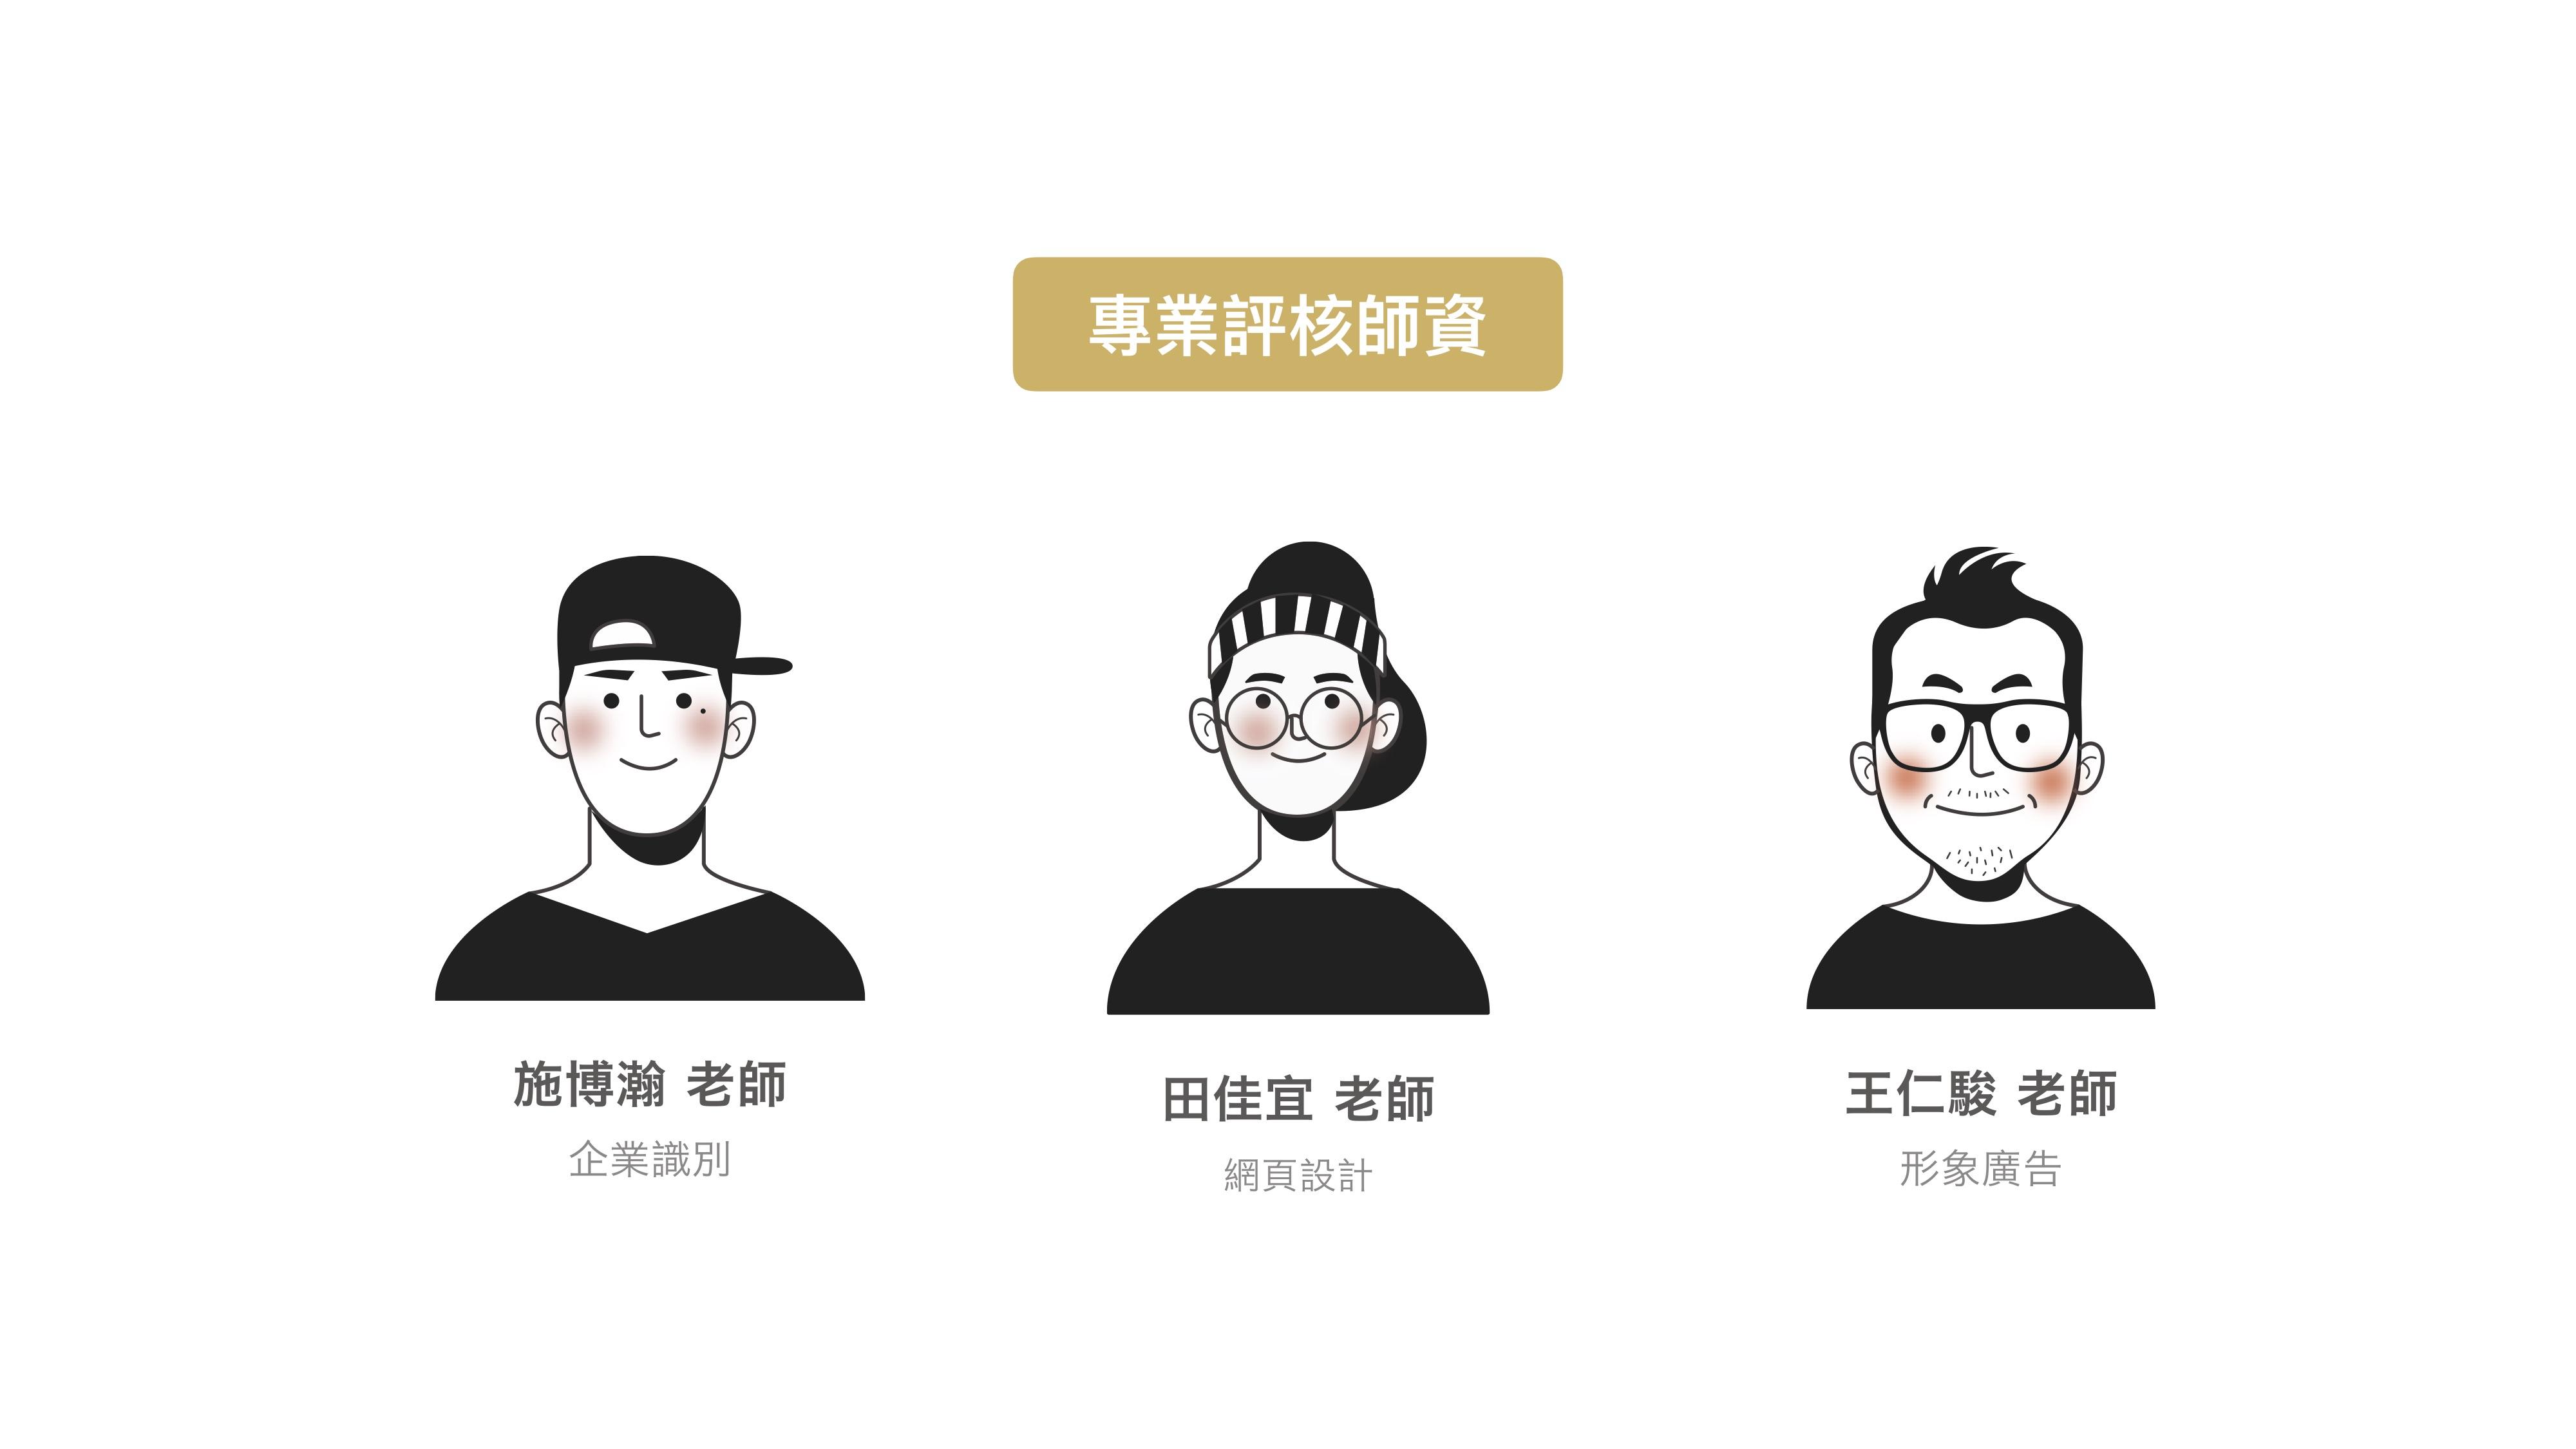 2020 接案新制交流會官網內容5